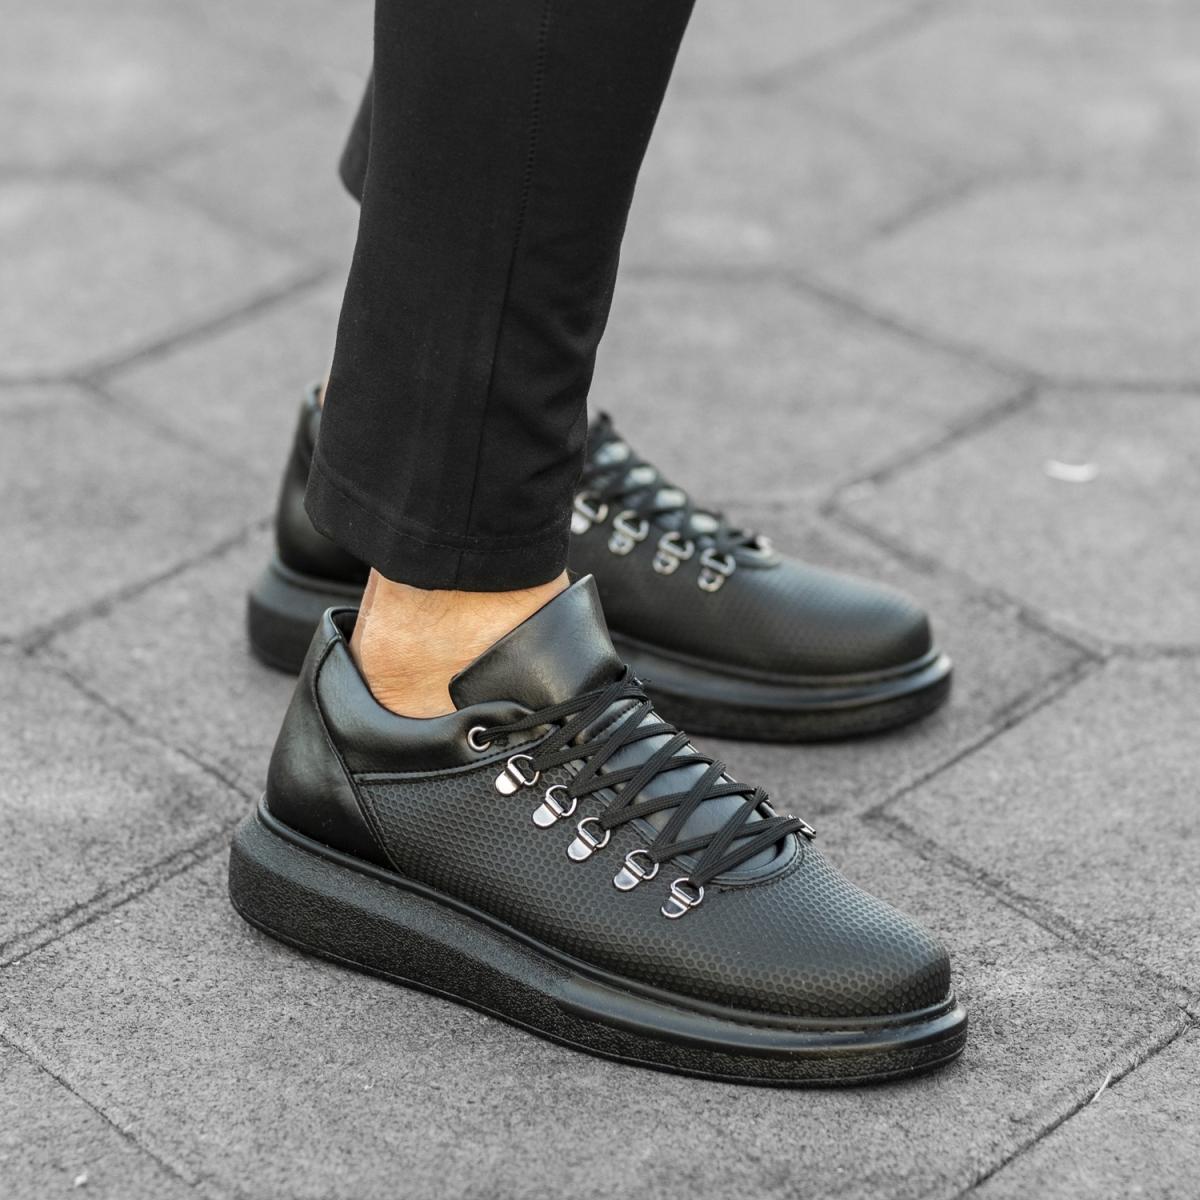 Italian Sport Siyah Yüksek Taban Erkek Ayakkabı